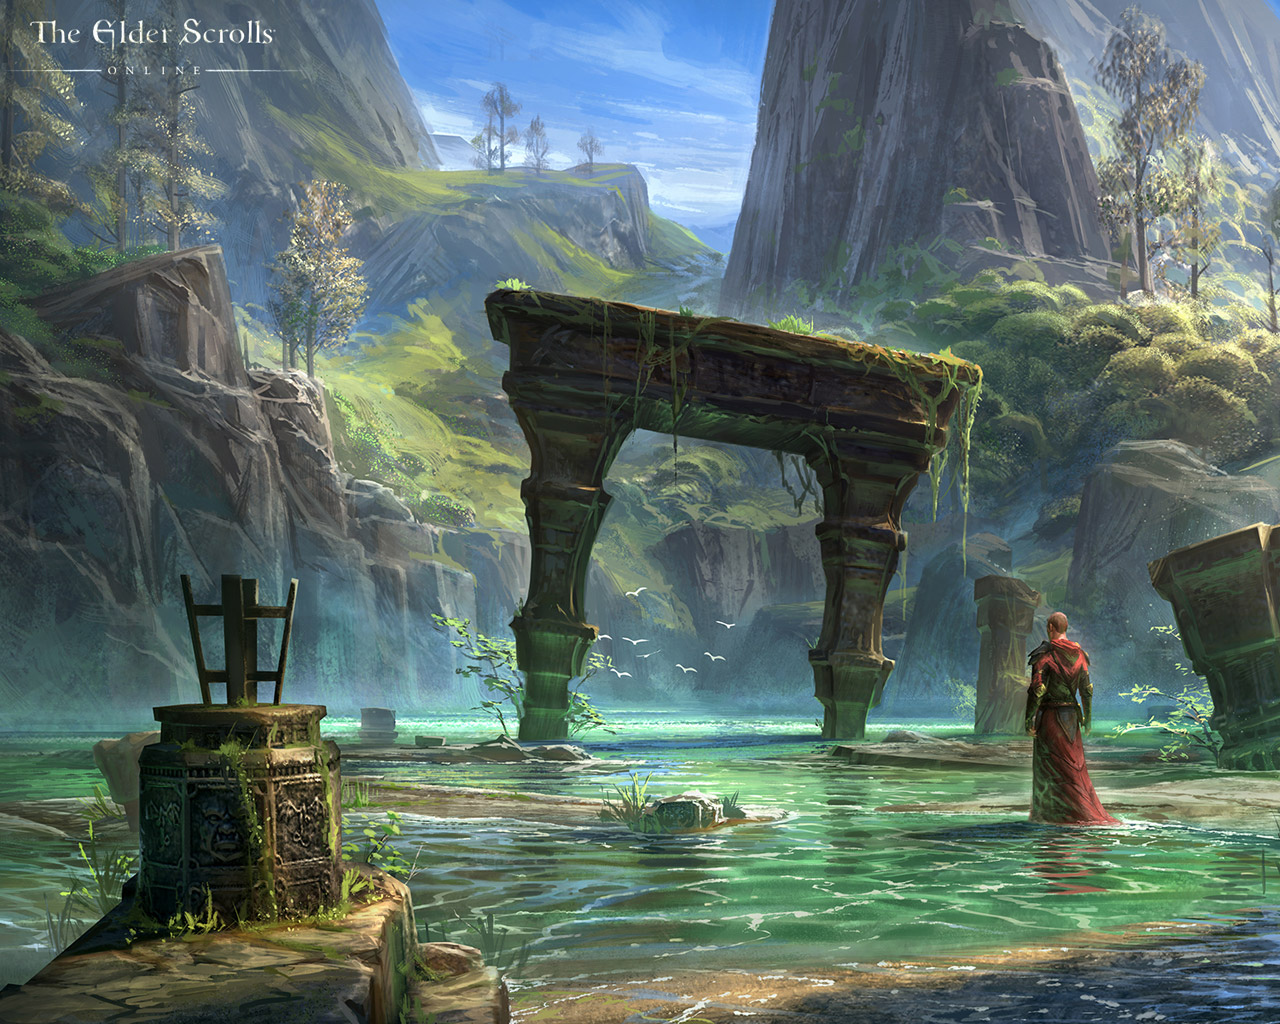 Free The Elder Scrolls Online Wallpaper in 1280x1024